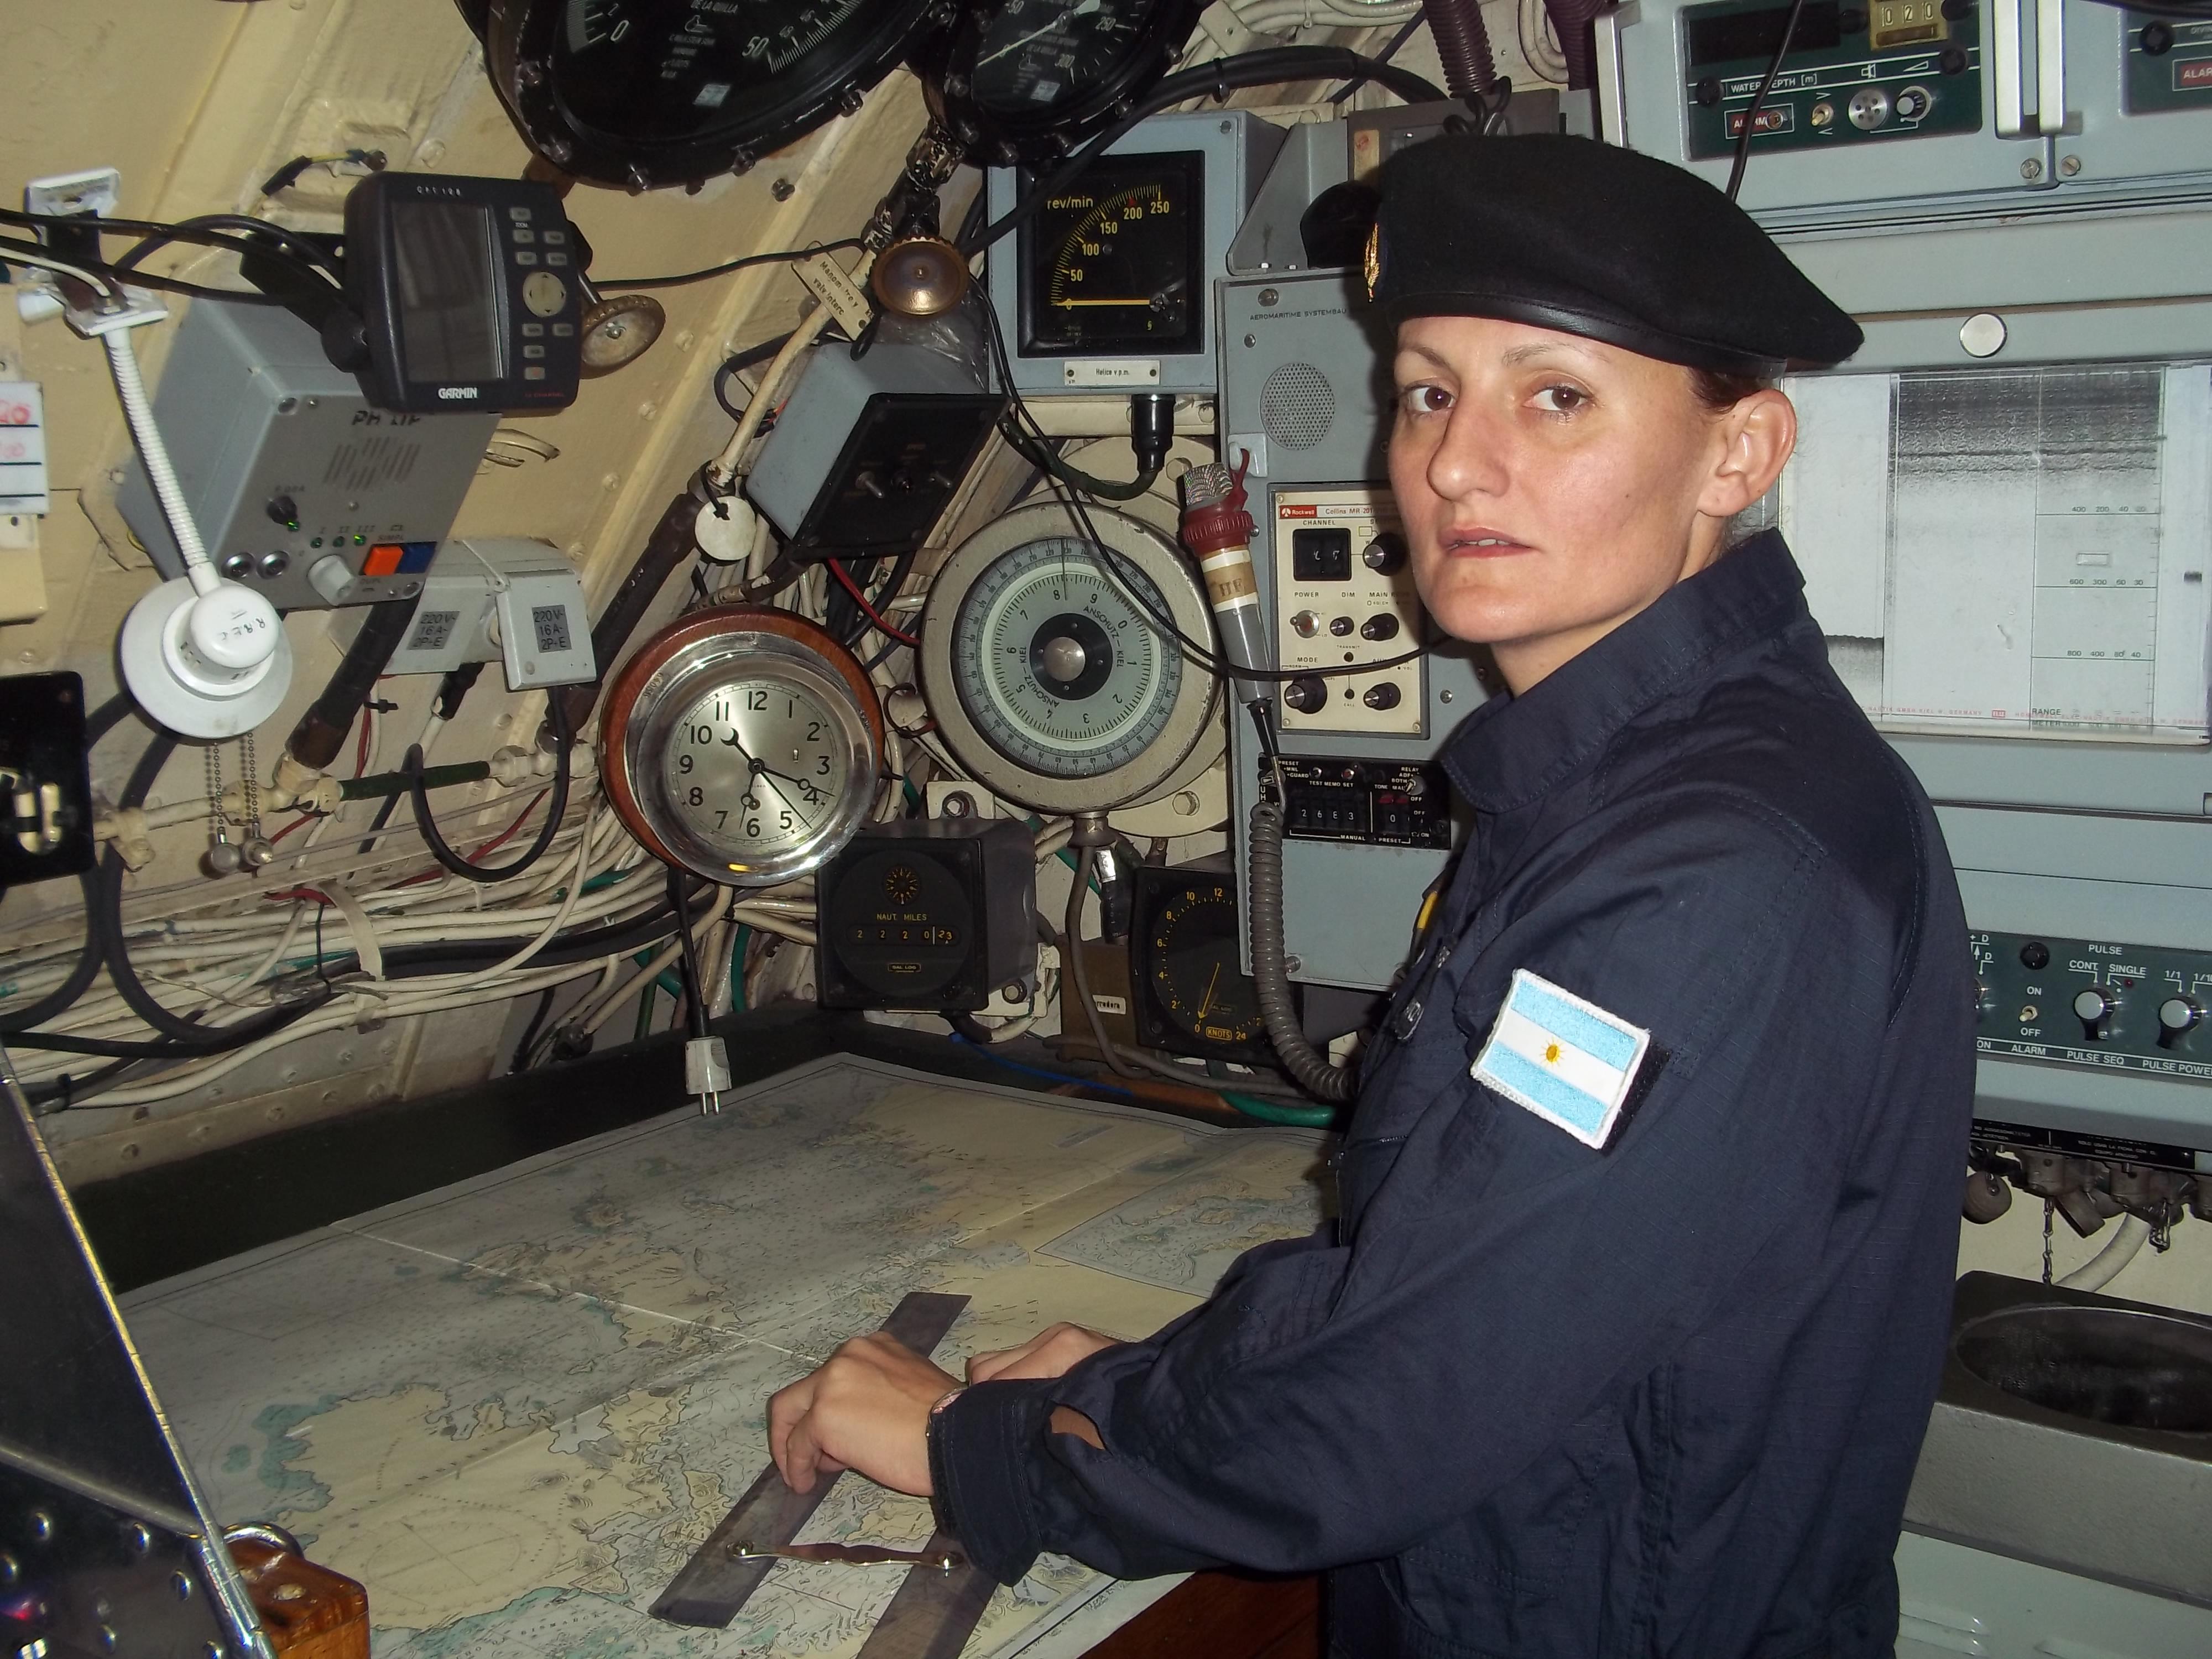 إليانا كراوزيك هي أول امرأة أرجنتينية تحمل رتبة ضابط غواصة